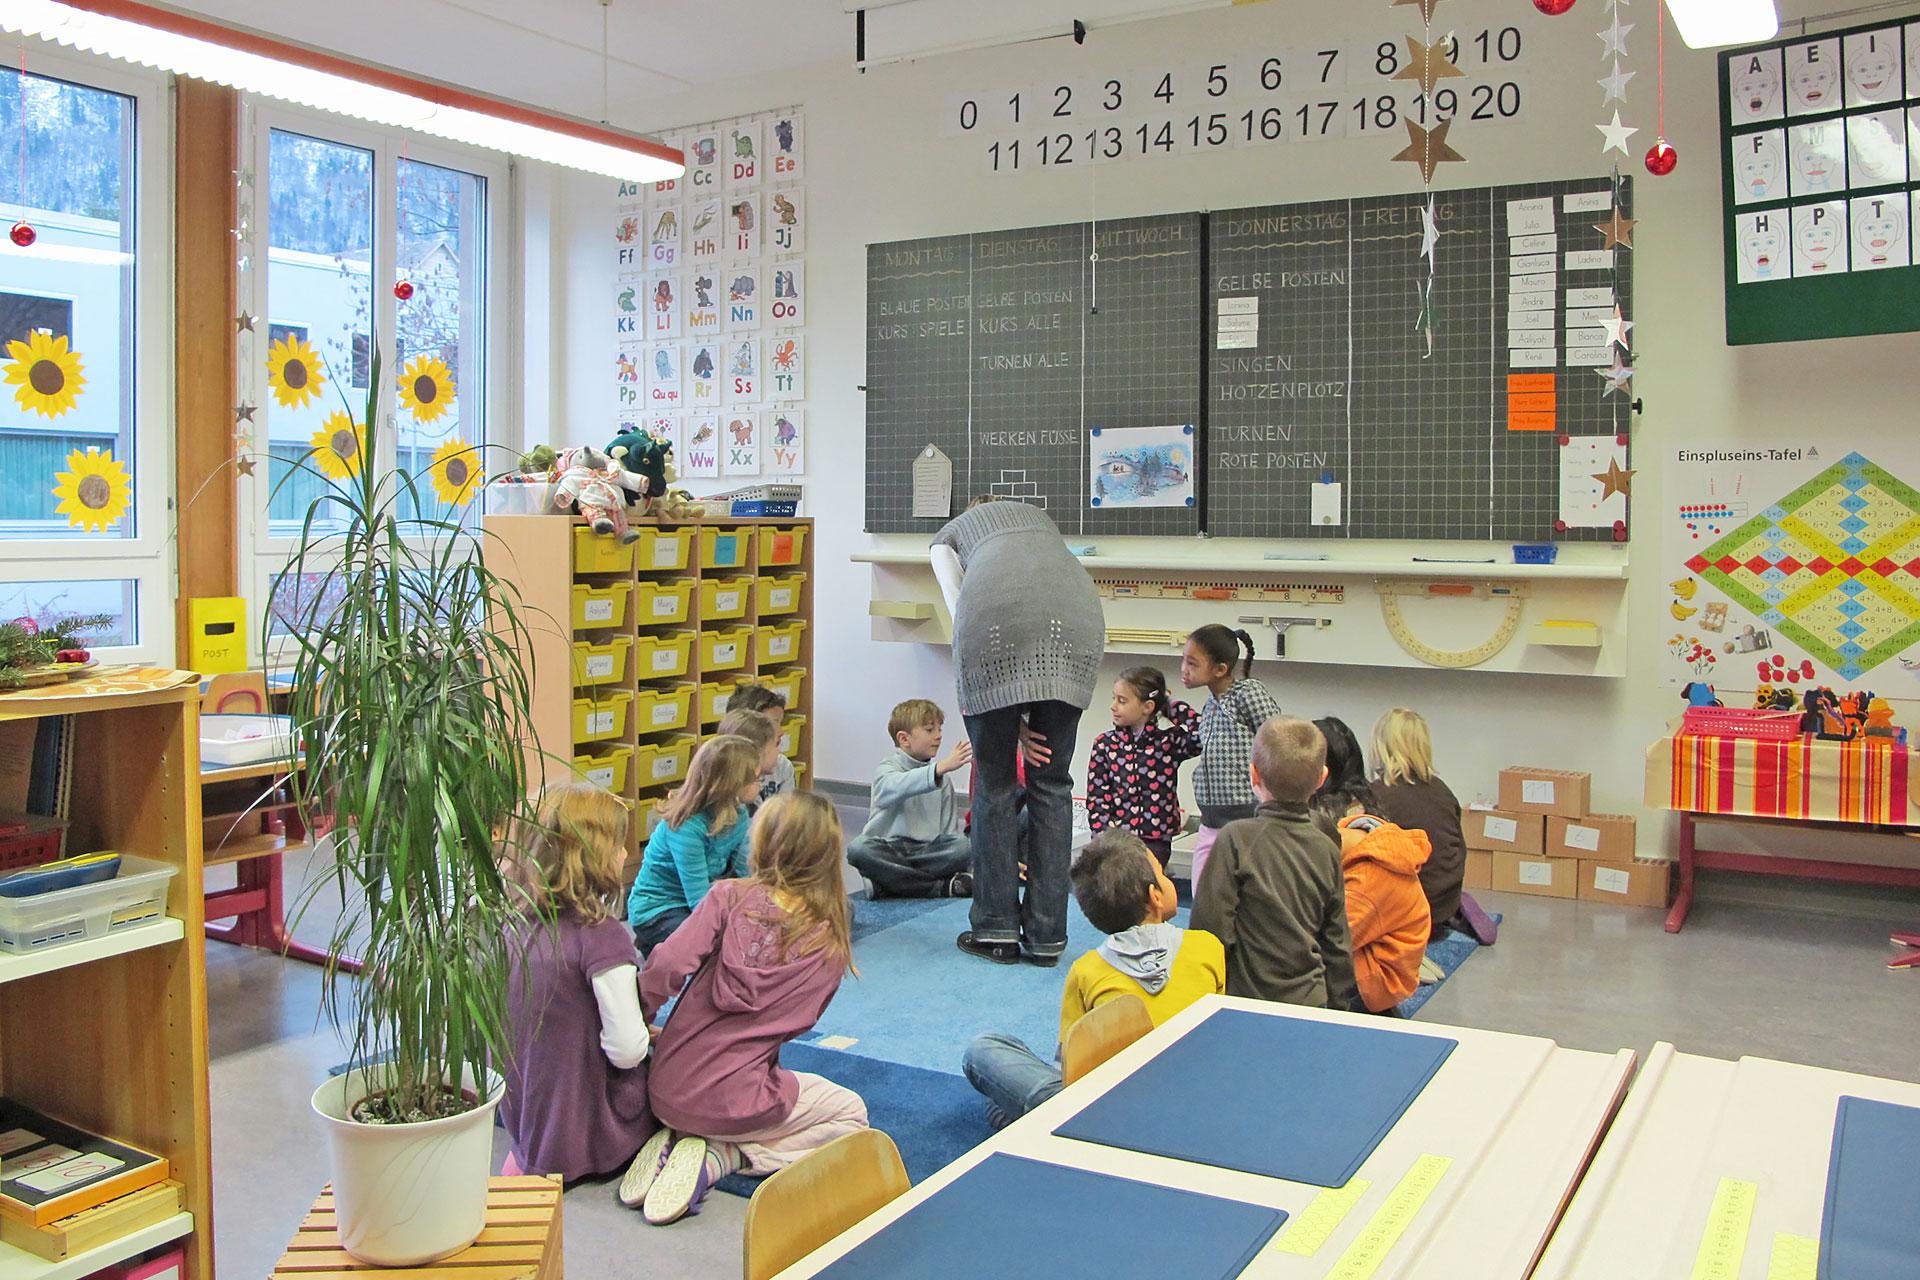 Schüler sitzen im Schulzimmer im Kreis auf dem Teppich